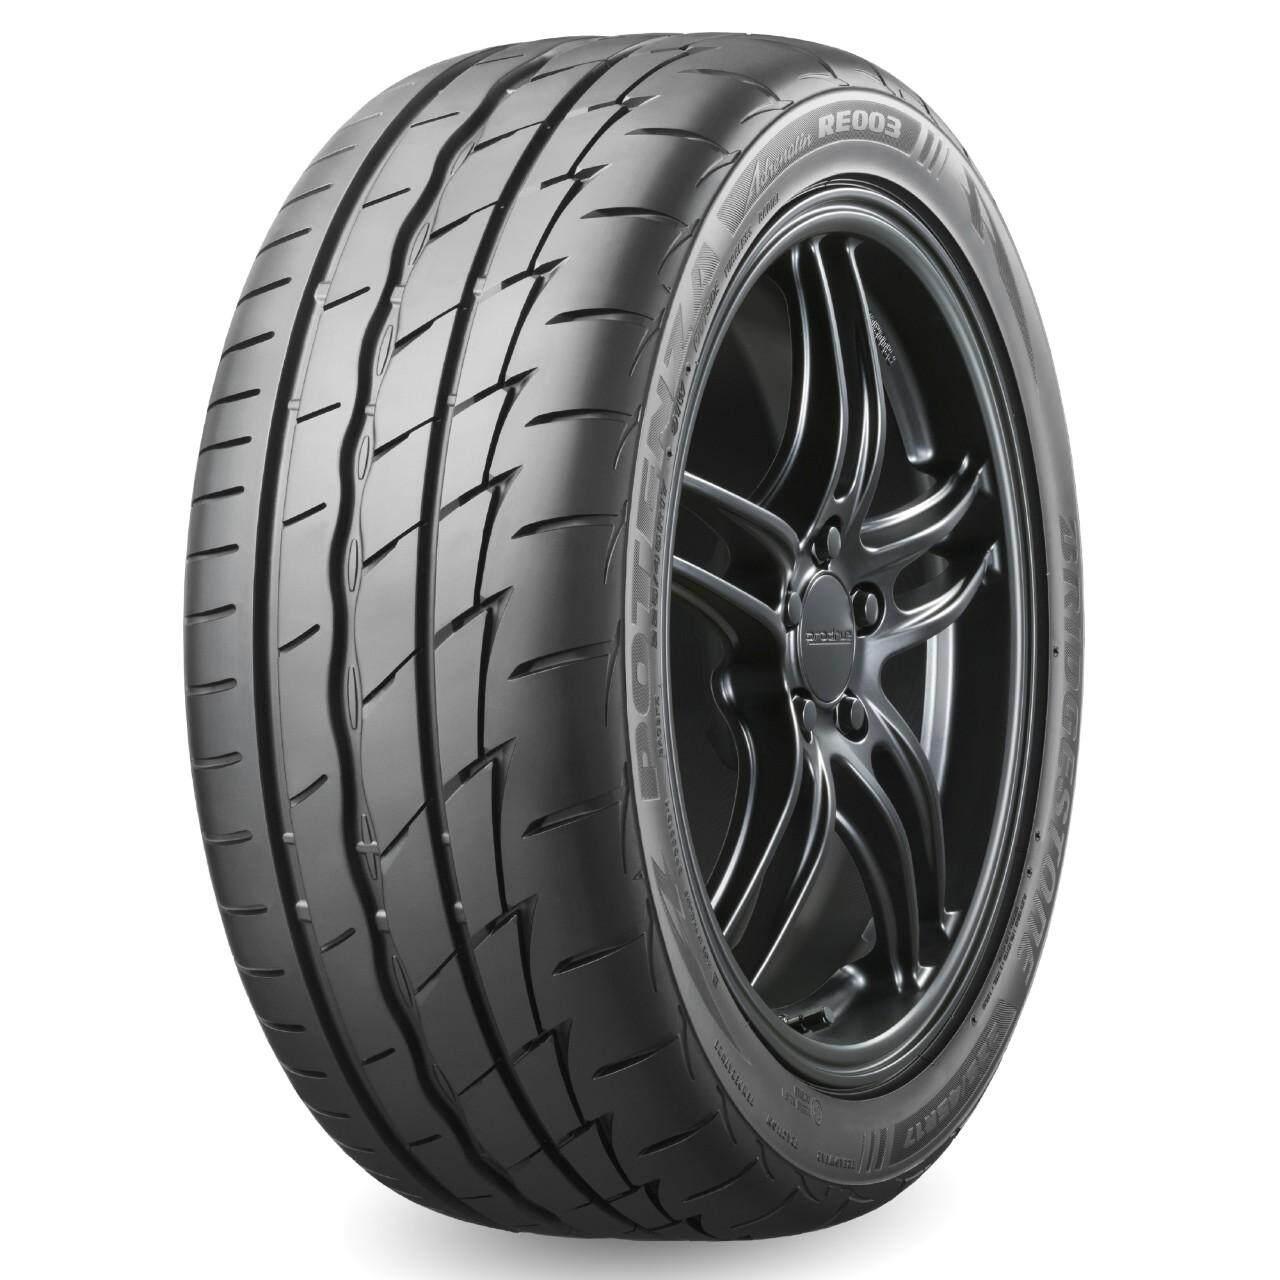 ฉะเชิงเทรา Bridgestone Potenza RE003 195/50R15 1เส้น ปี 18 ผลิตไทย